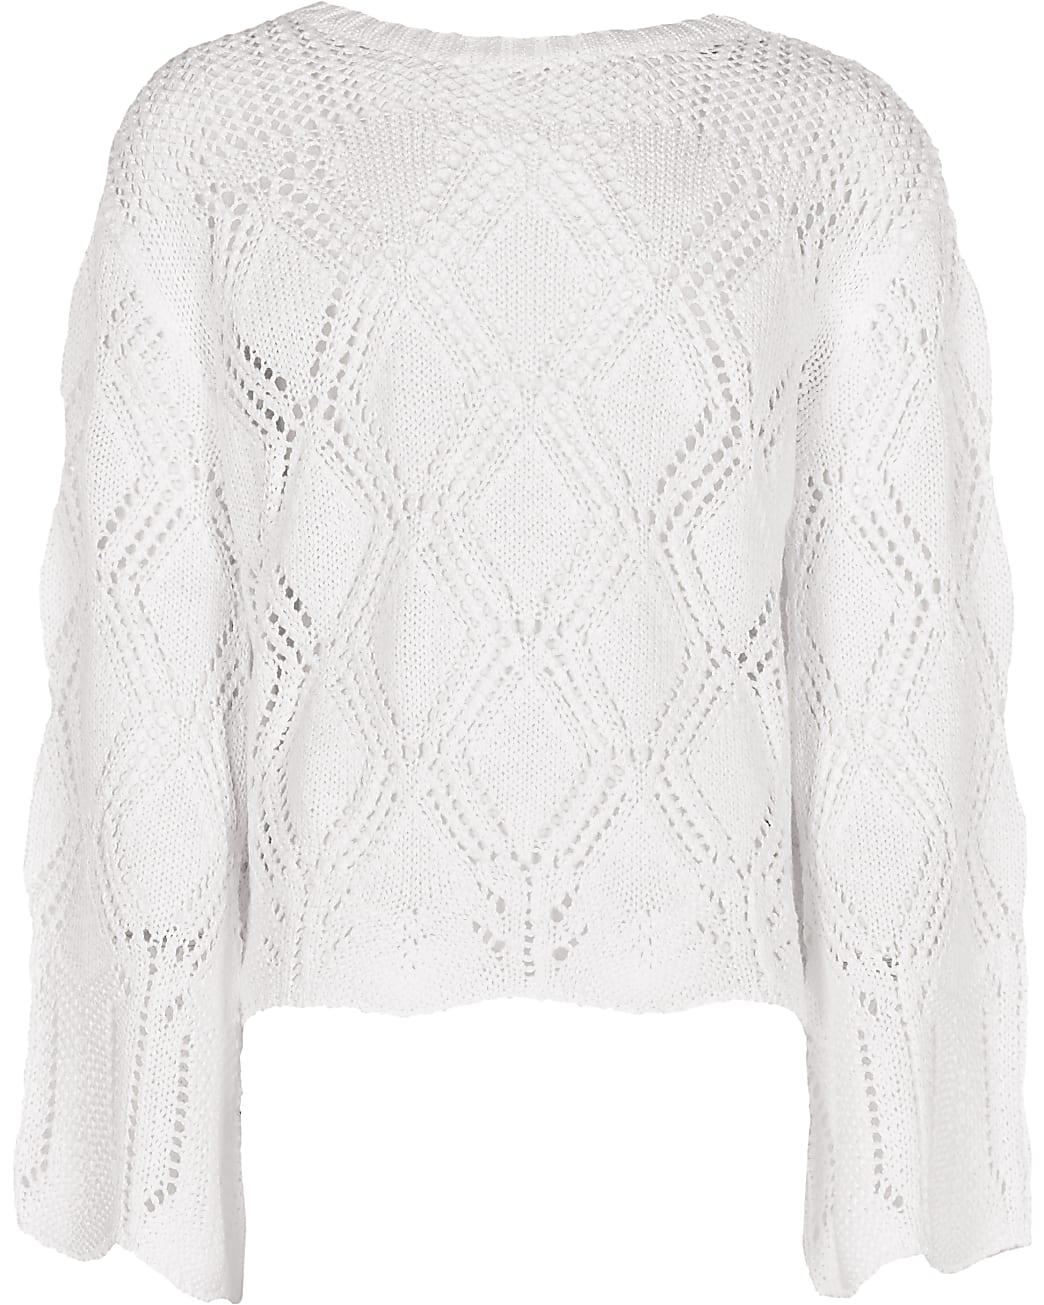 Girls white crochet long sleeve top